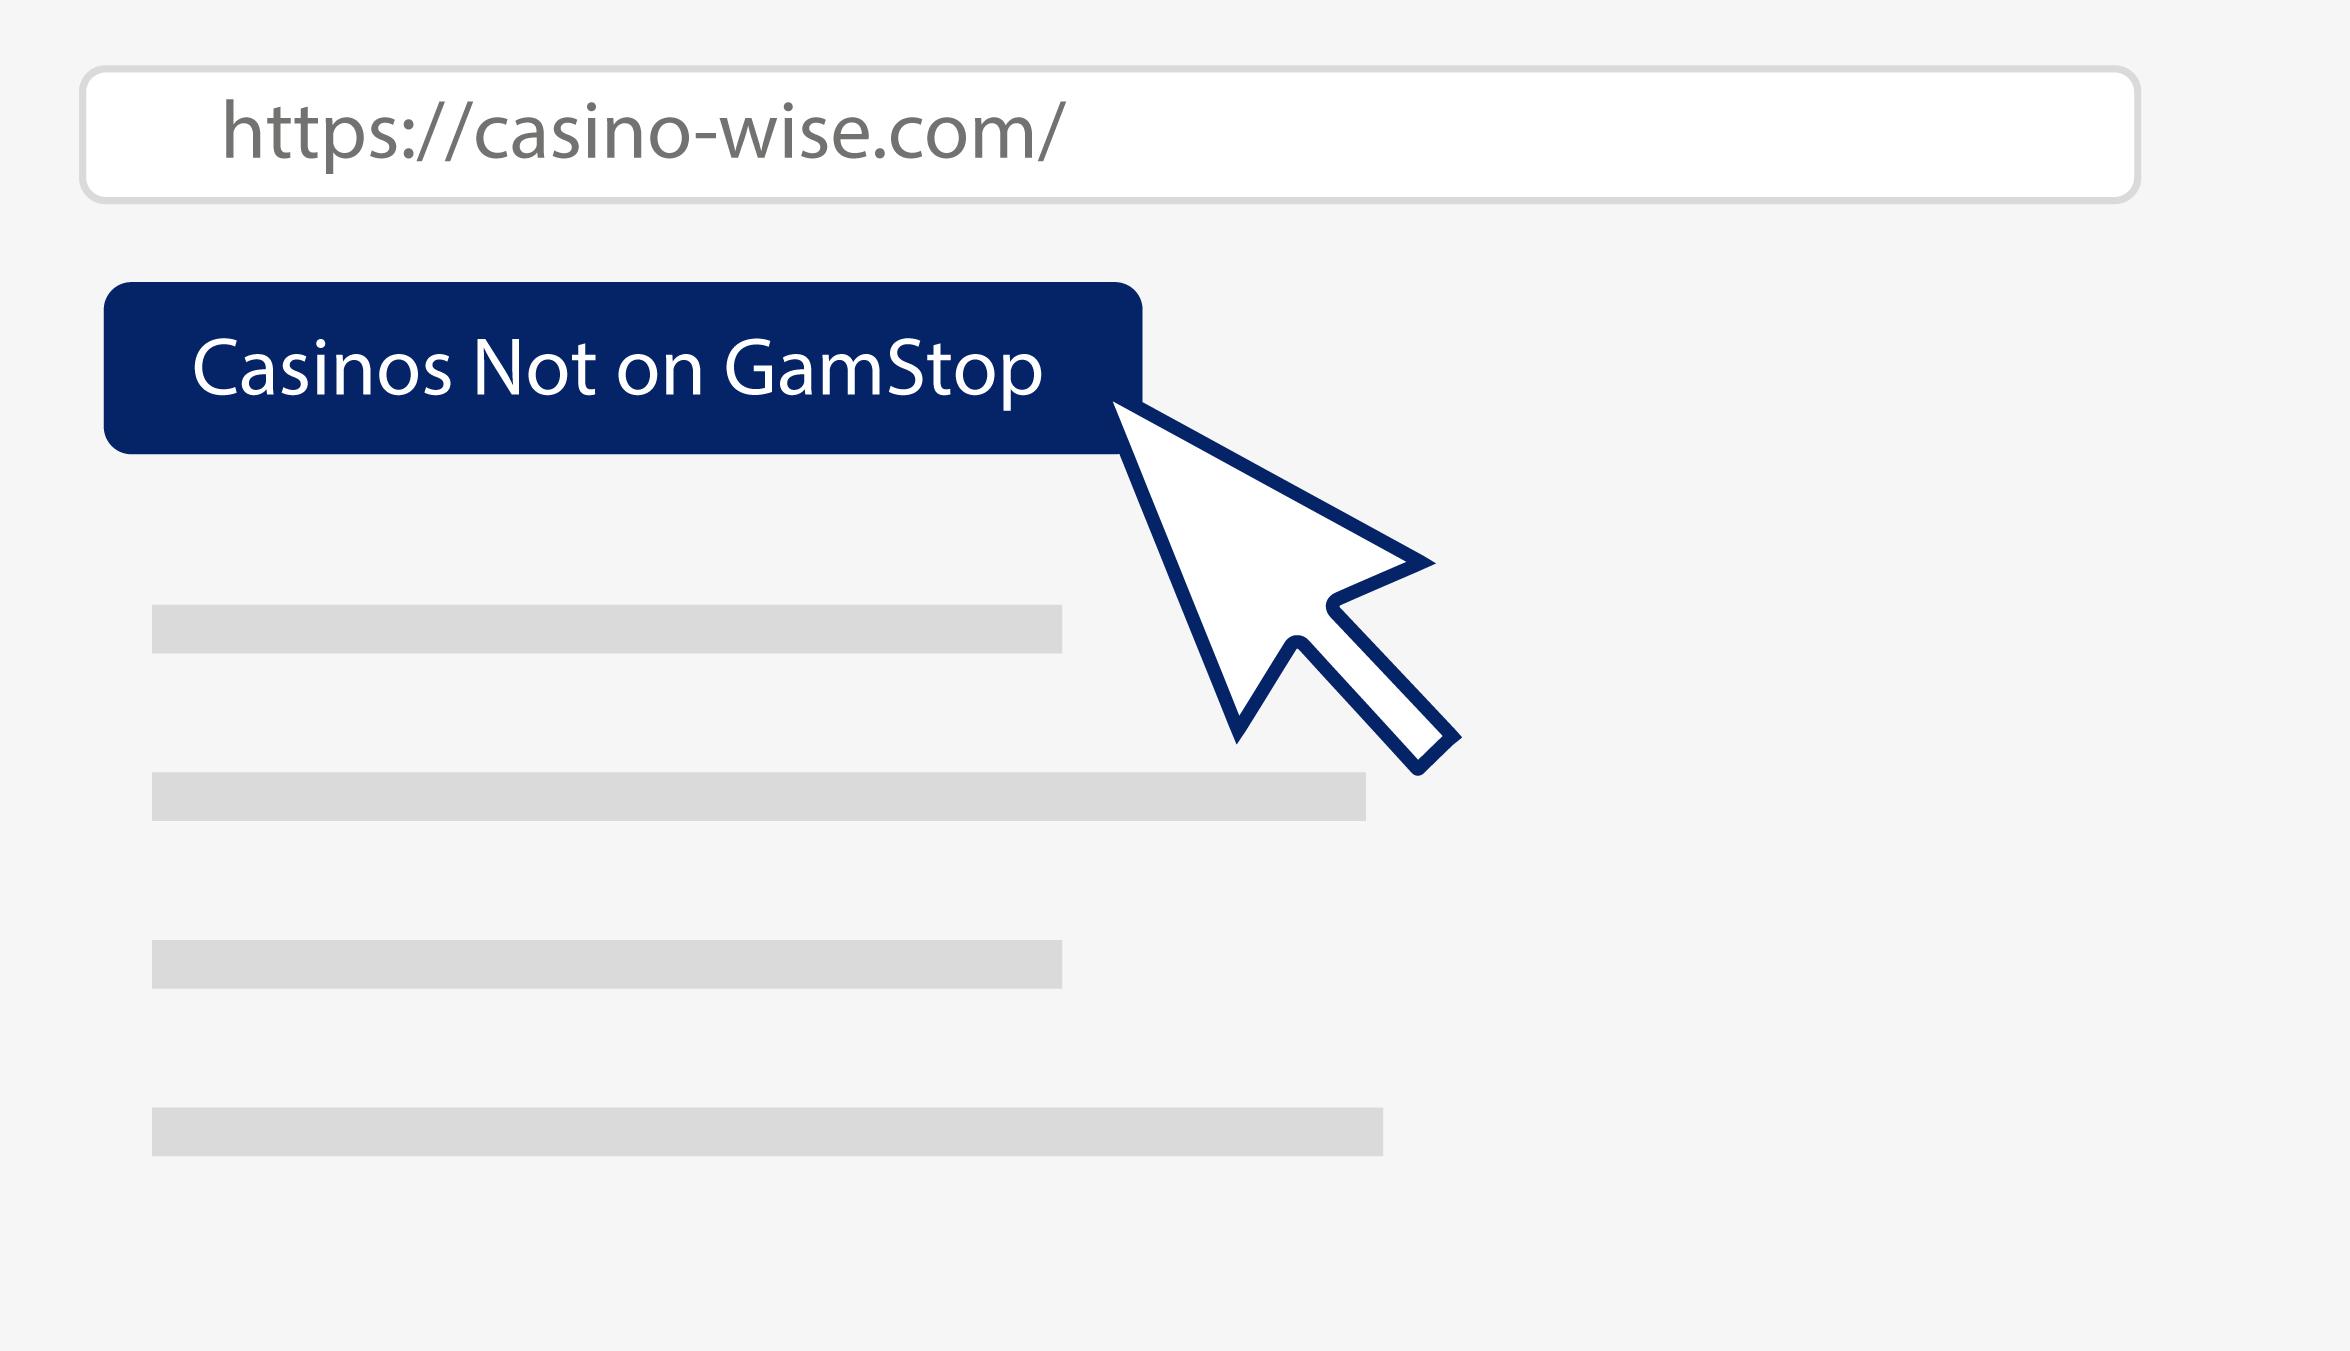 Use Non-GamStop Casino Sites